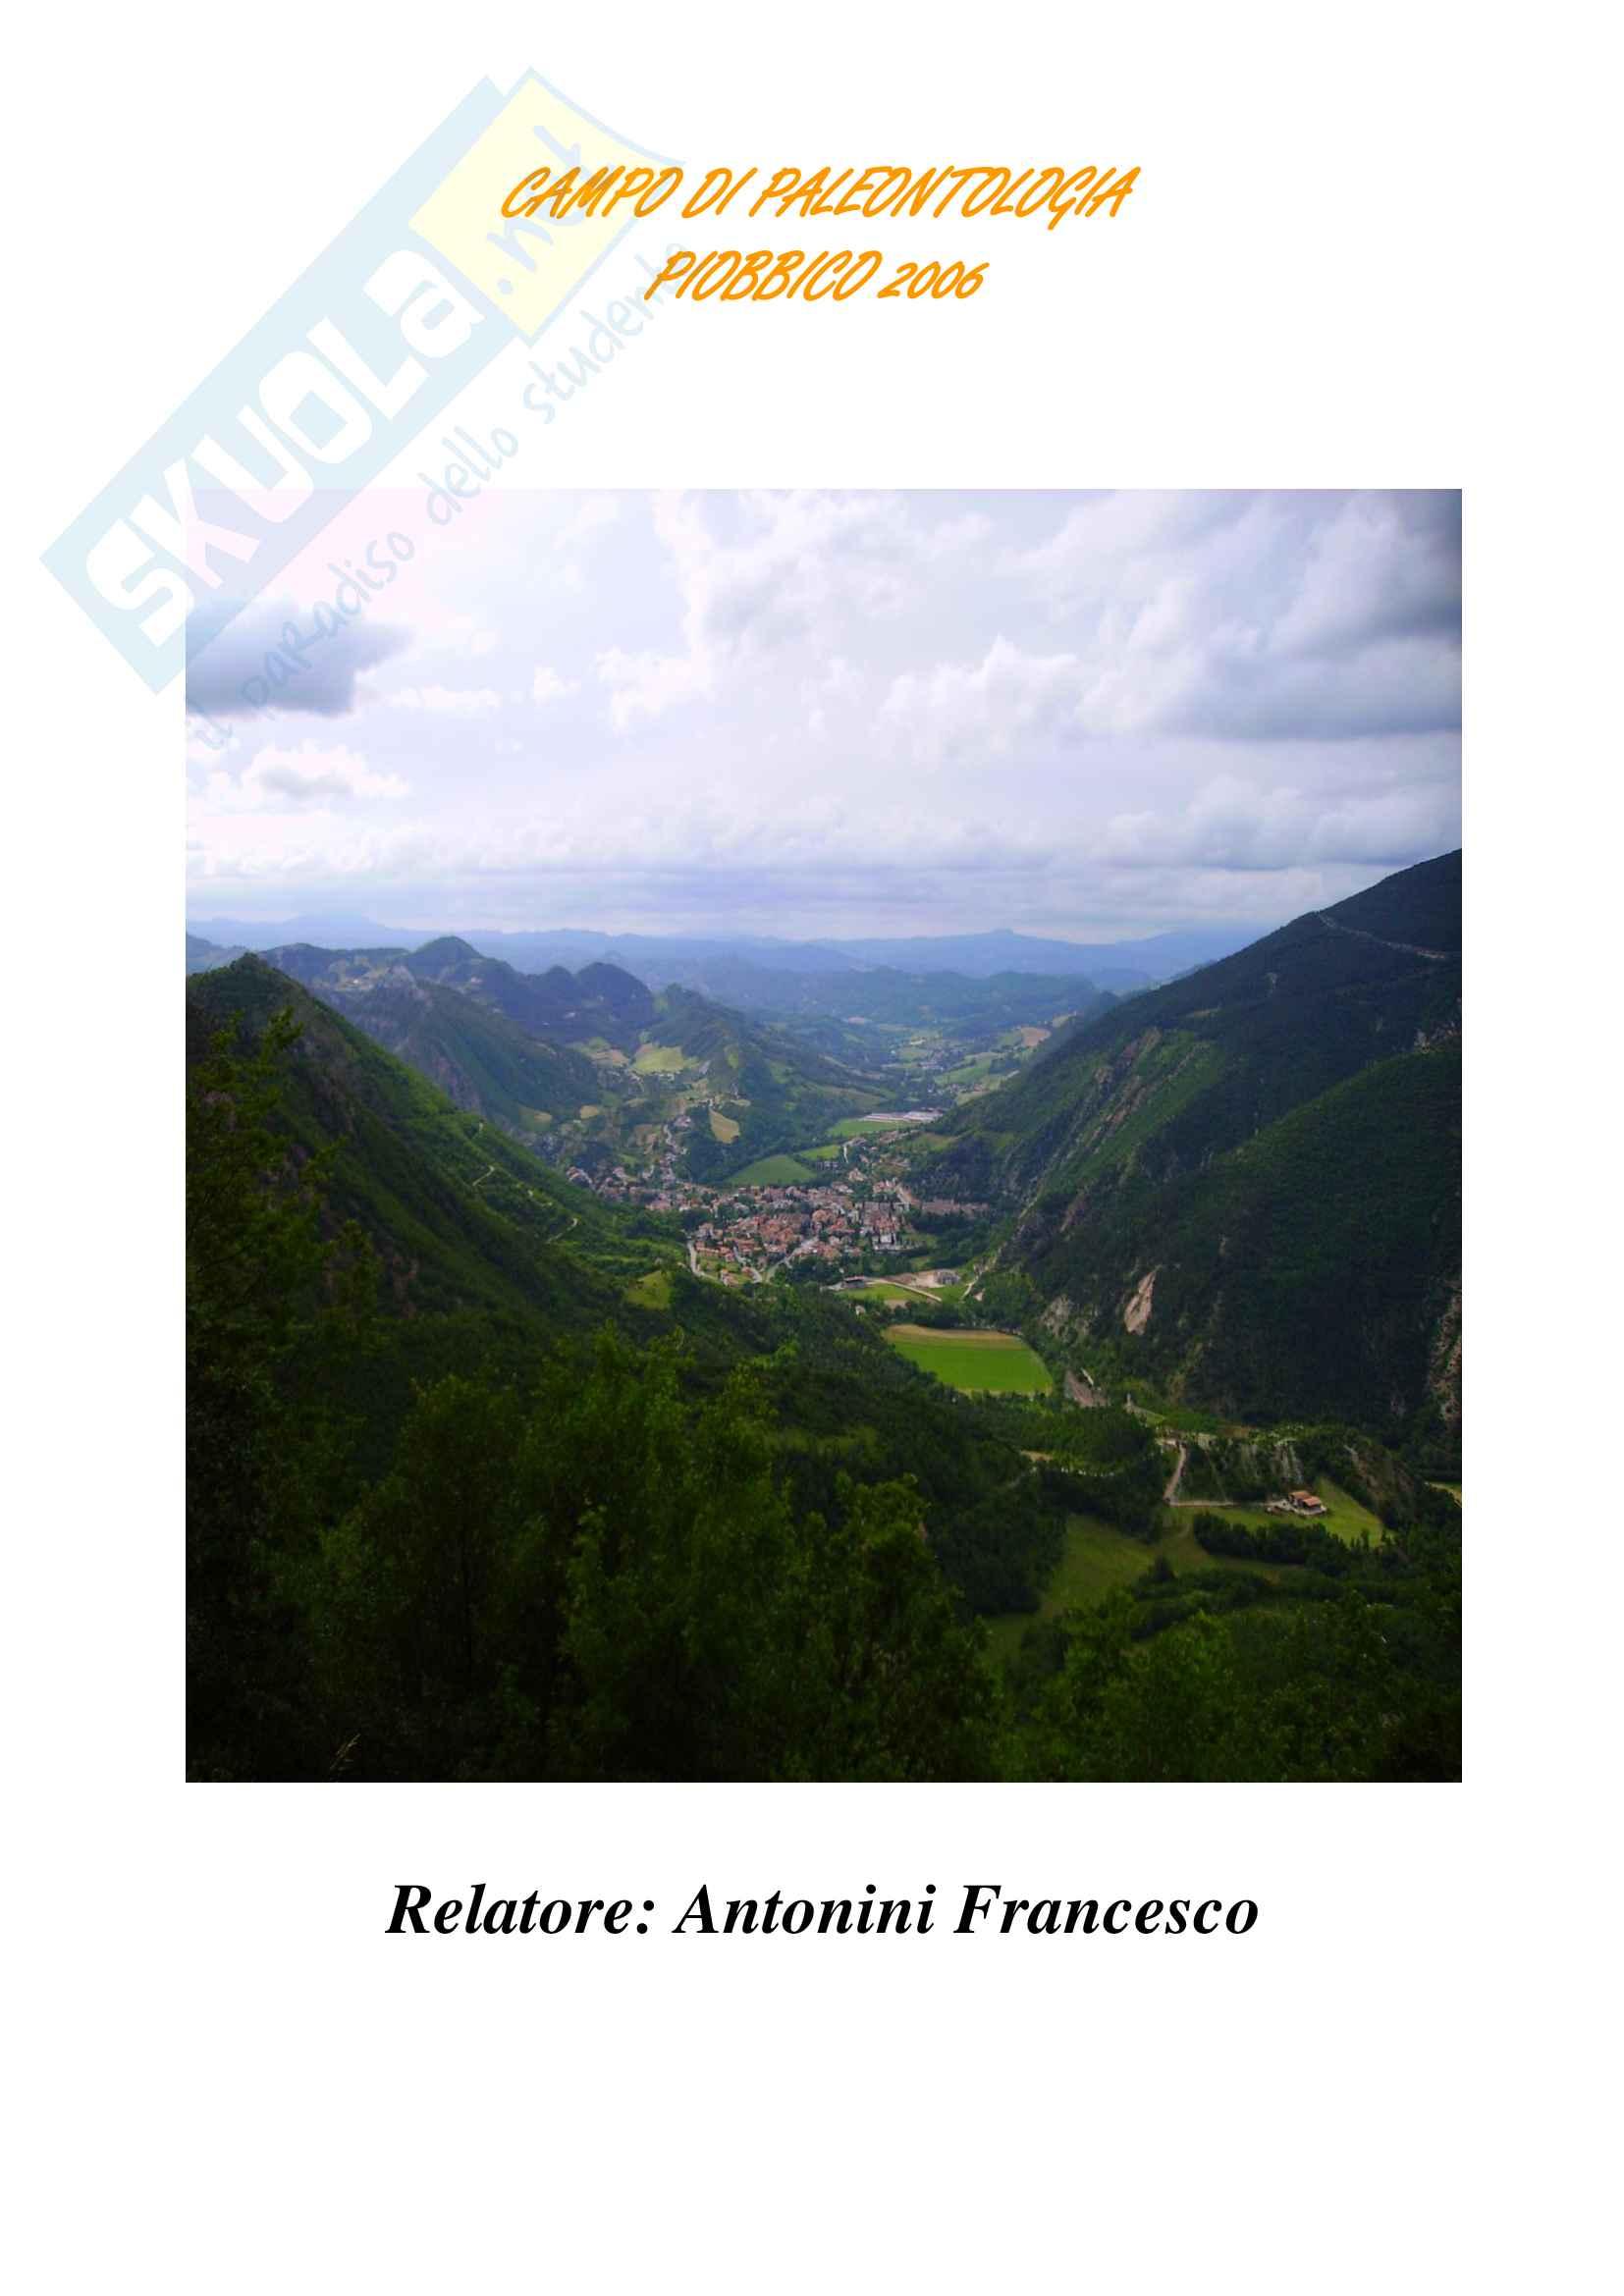 Relazione geologica e paleontologica di Piobbico Pag. 1